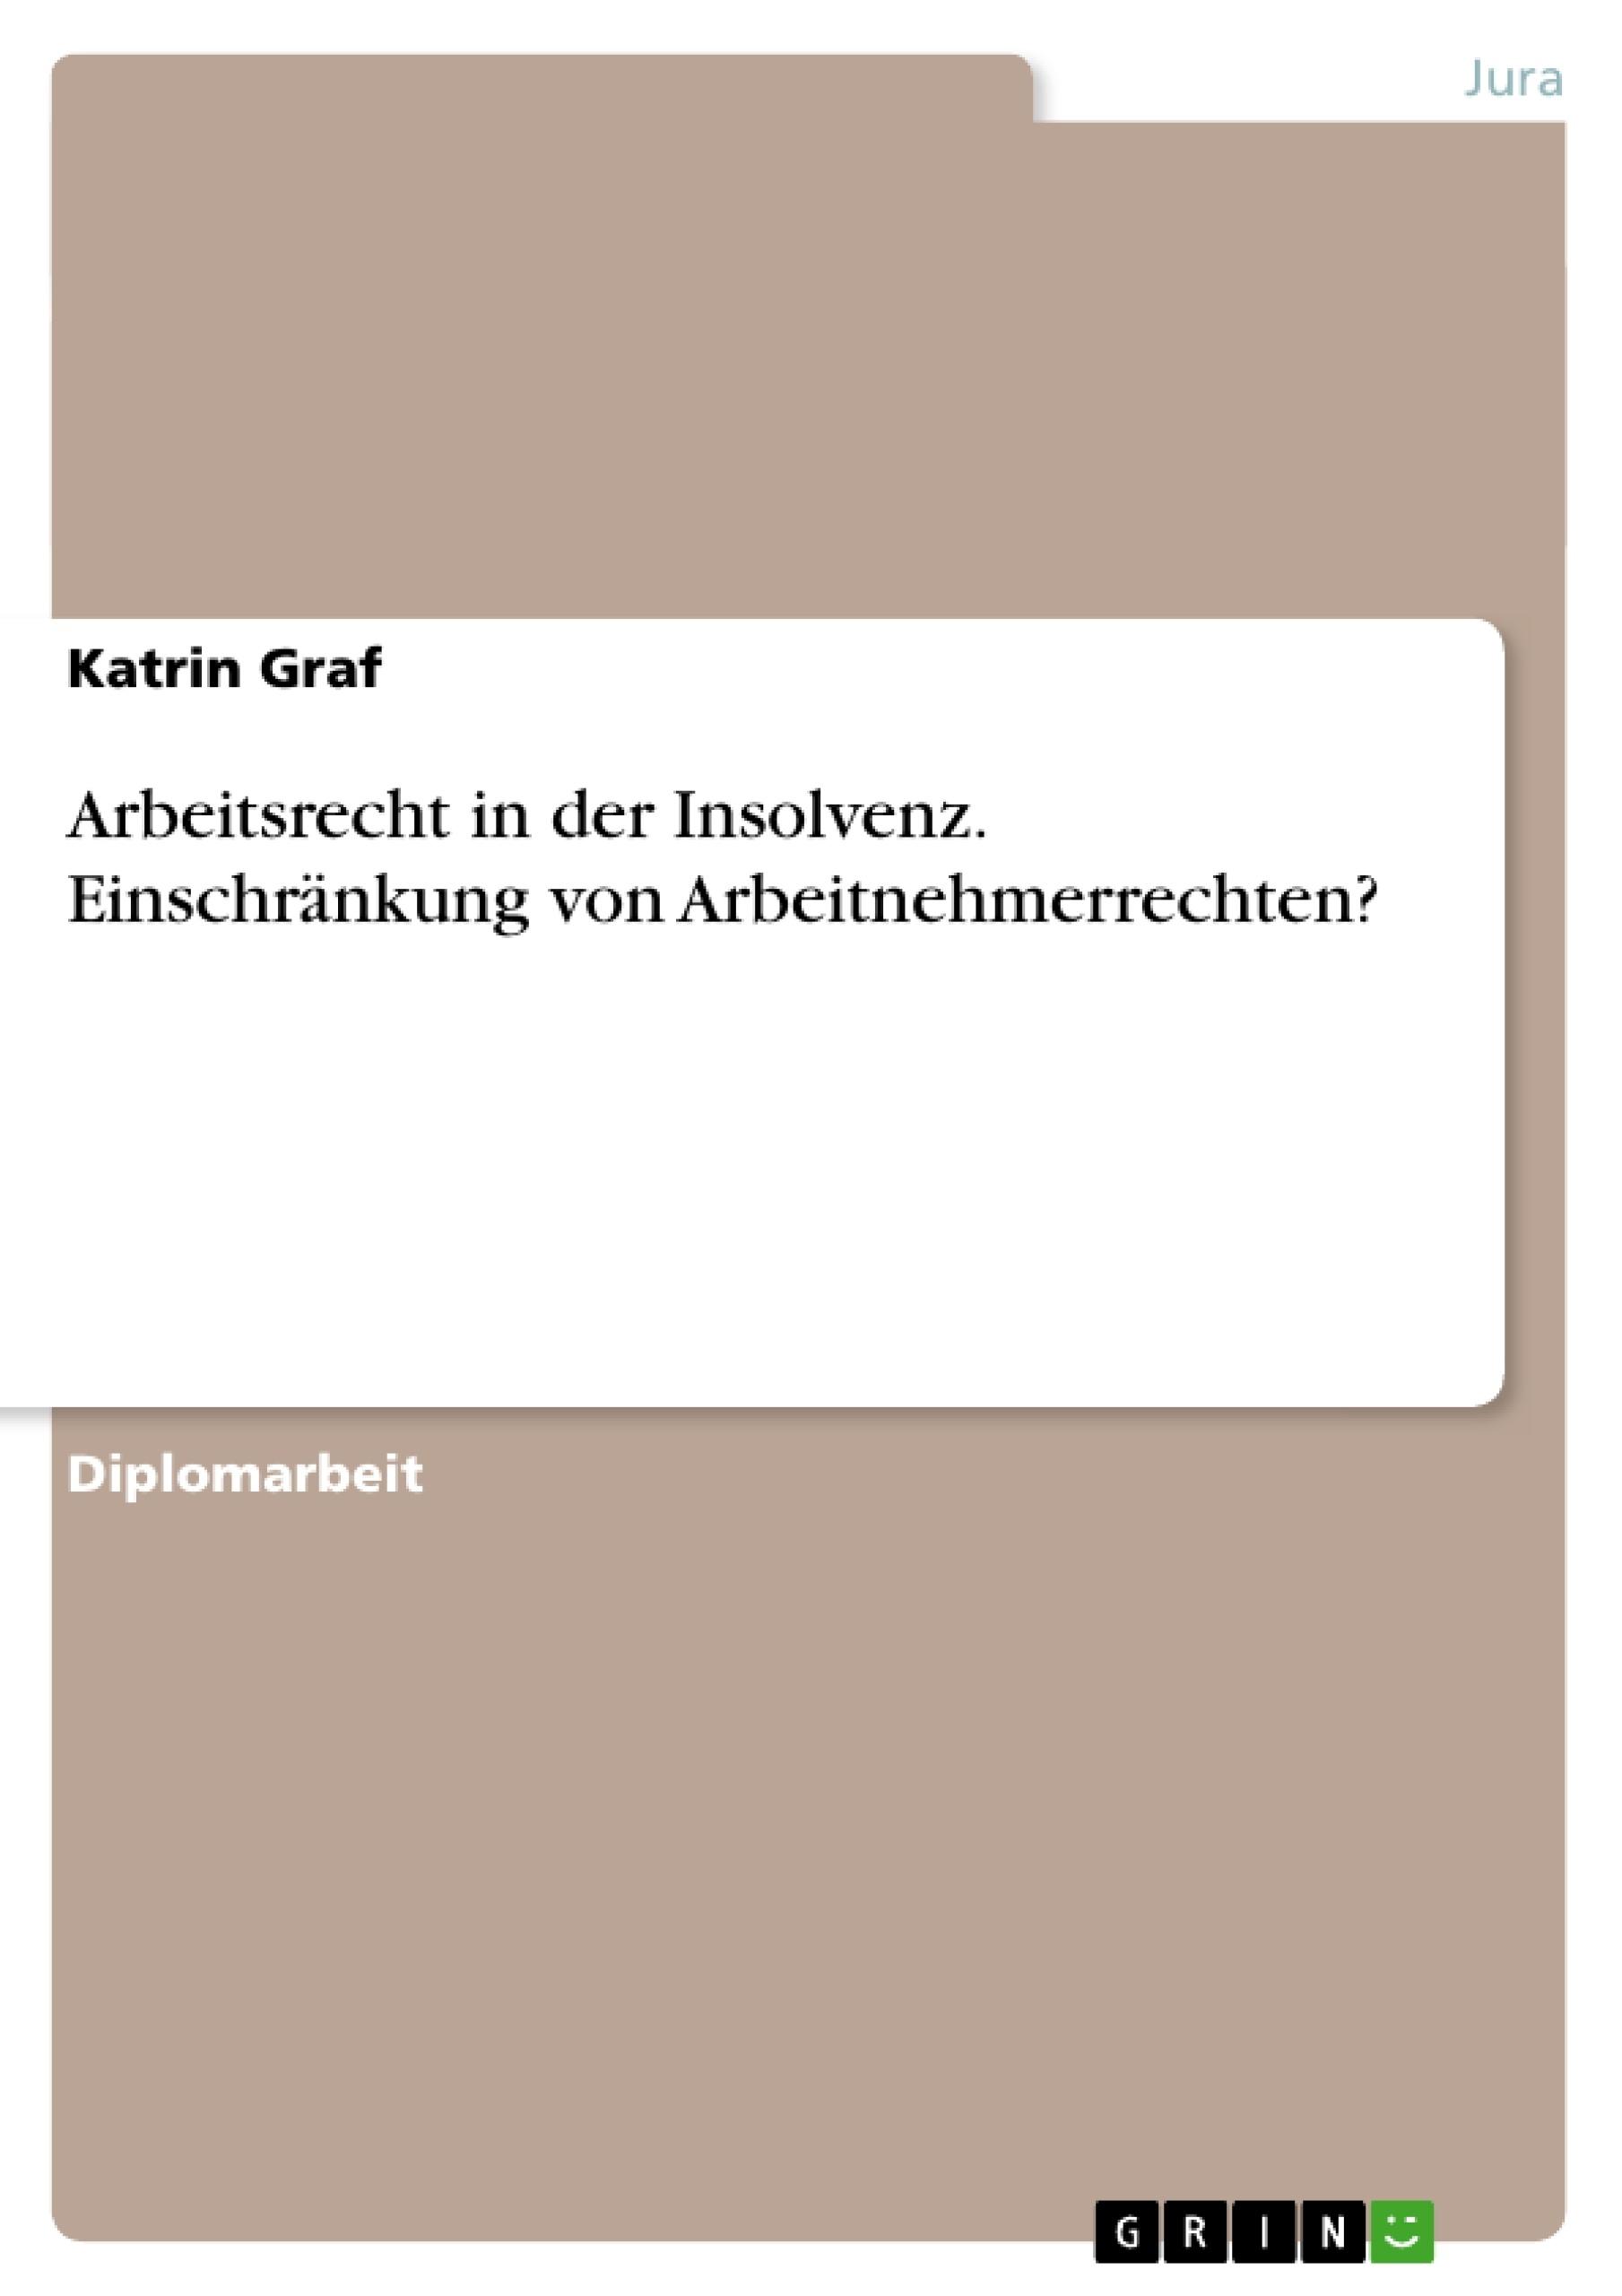 Titel: Arbeitsrecht in der Insolvenz. Einschränkung von Arbeitnehmerrechten?